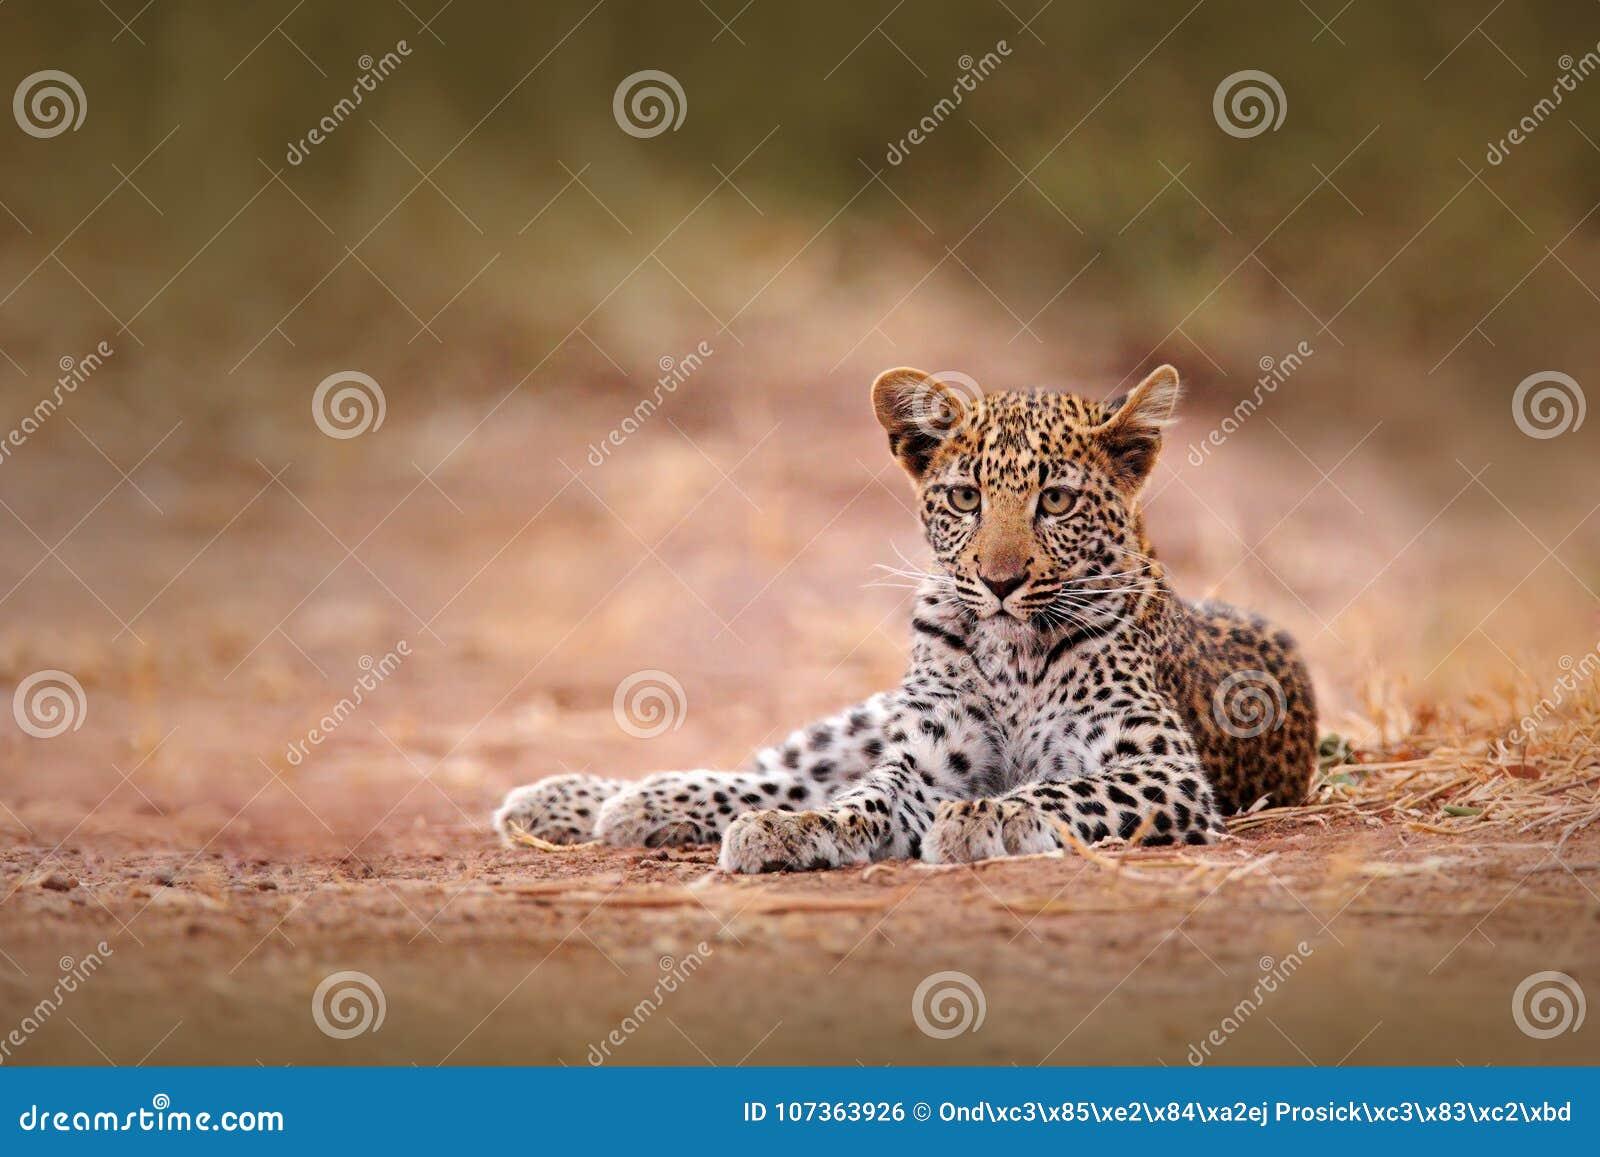 Junger afrikanischer Leopard, Panthera pardus shortidgei, Nationalpark Hwange, Simbabwe Schöne Wildkatze, die auf der Schotterstr